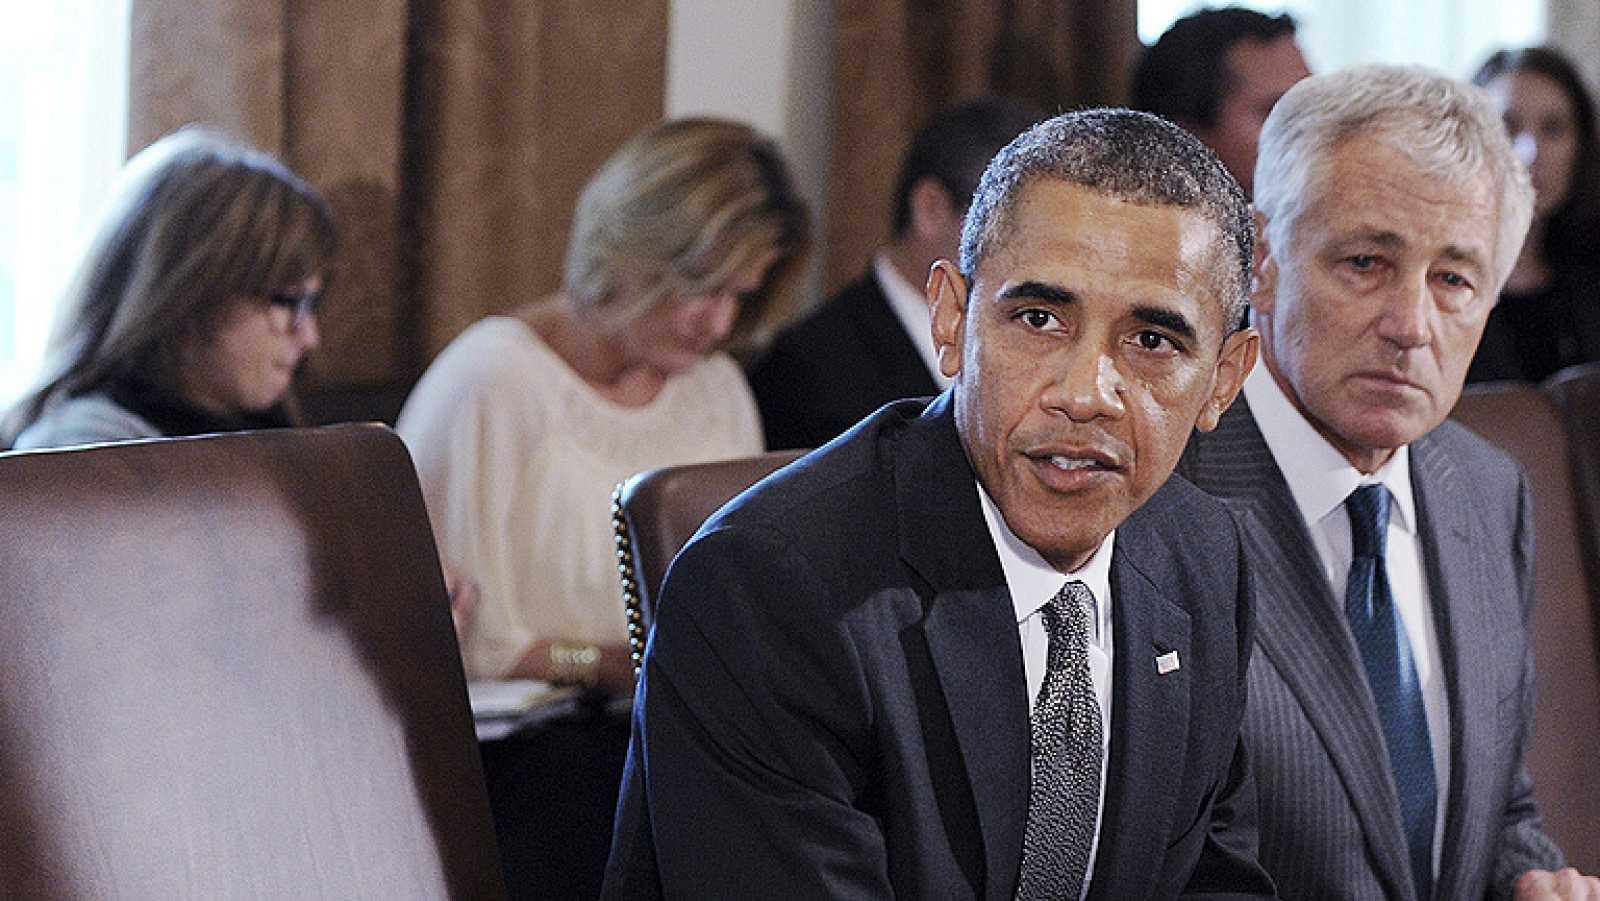 La comunidad internacional aplaude el acuerdo sobre Siria